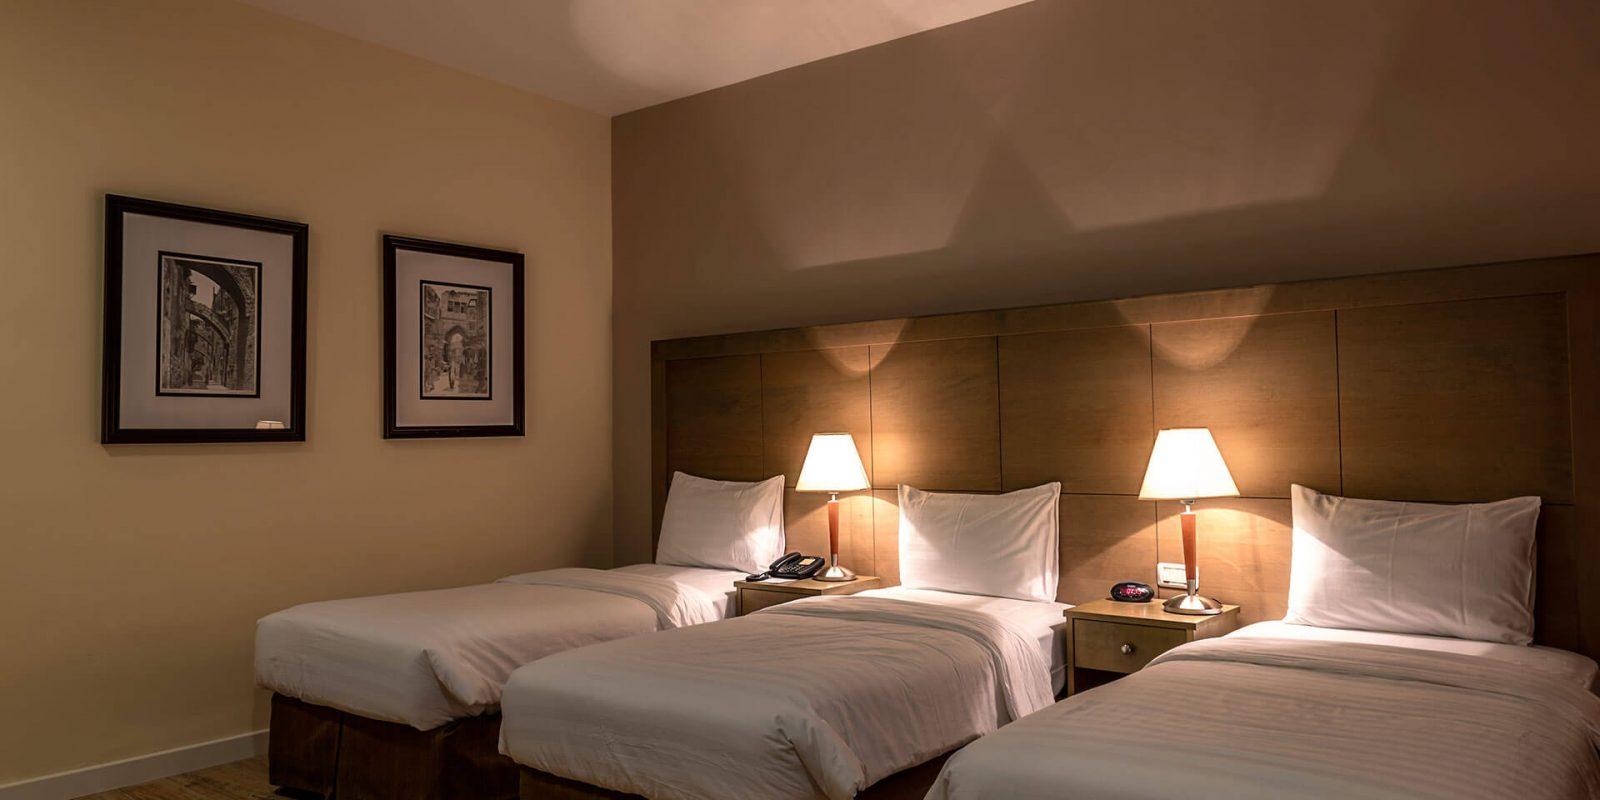 Ritz hotel_Standard Triple Room (1)